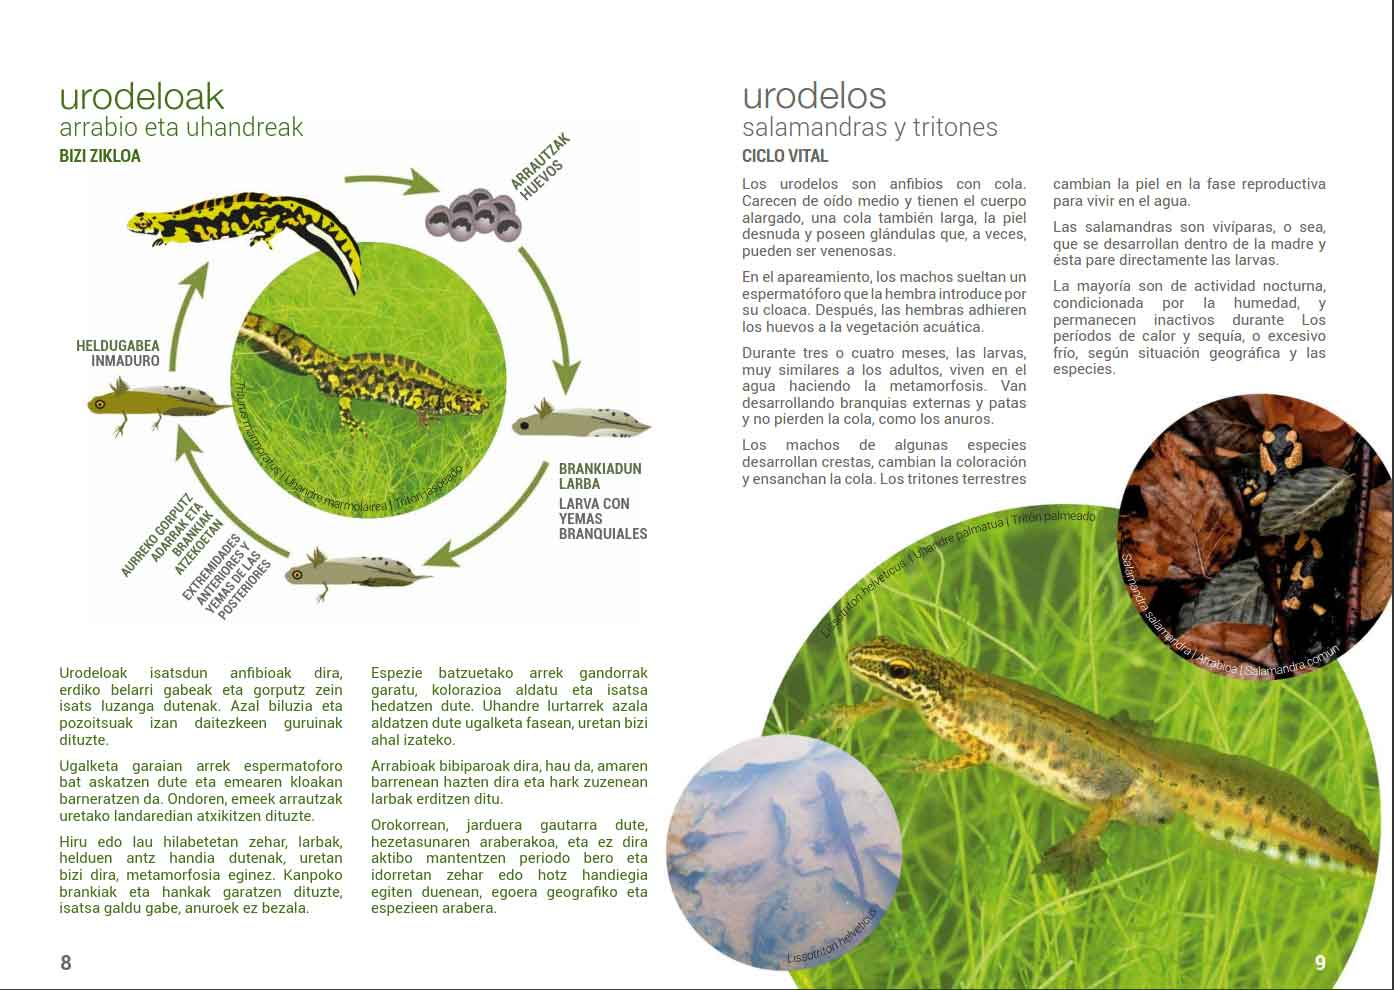 Anfibios-y-reptiles-Lurgaia-1